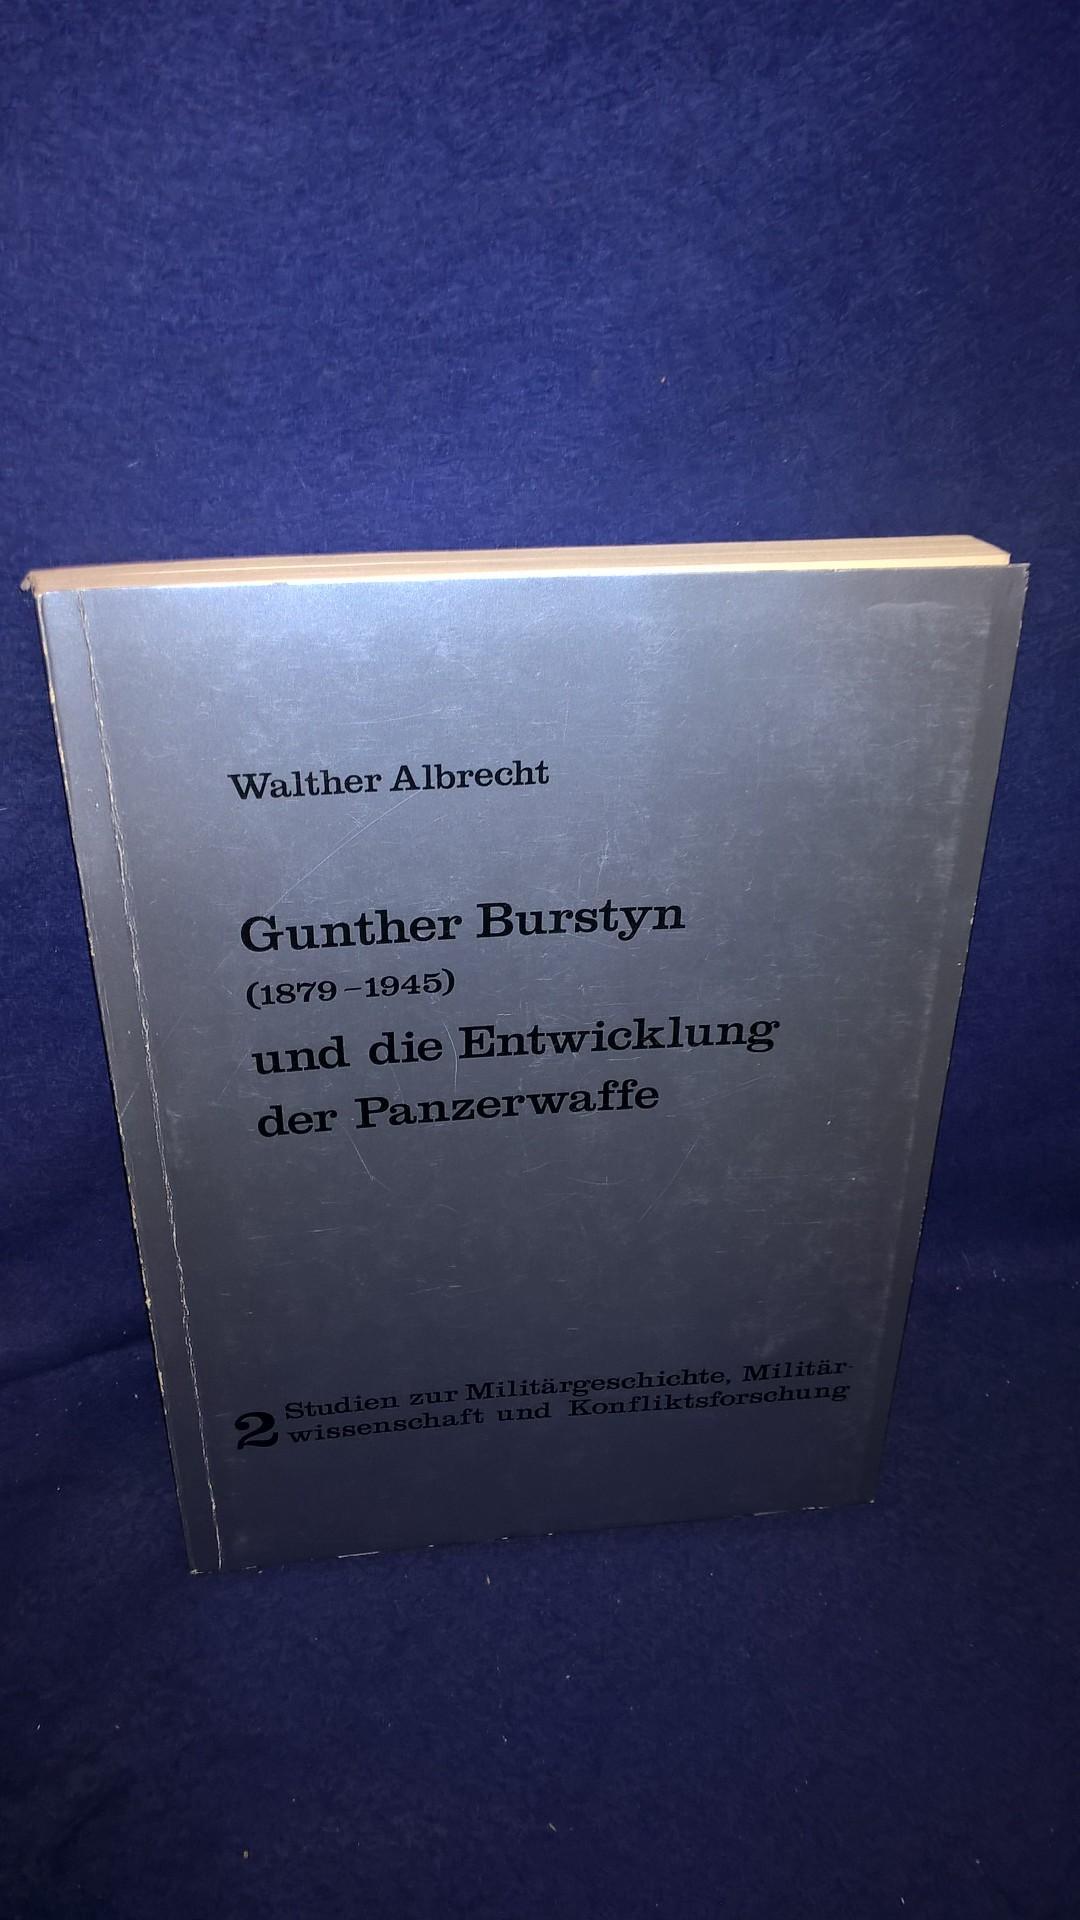 Gunther Burstyn (1879-1945) und die Entwicklung der Panzerwaffe